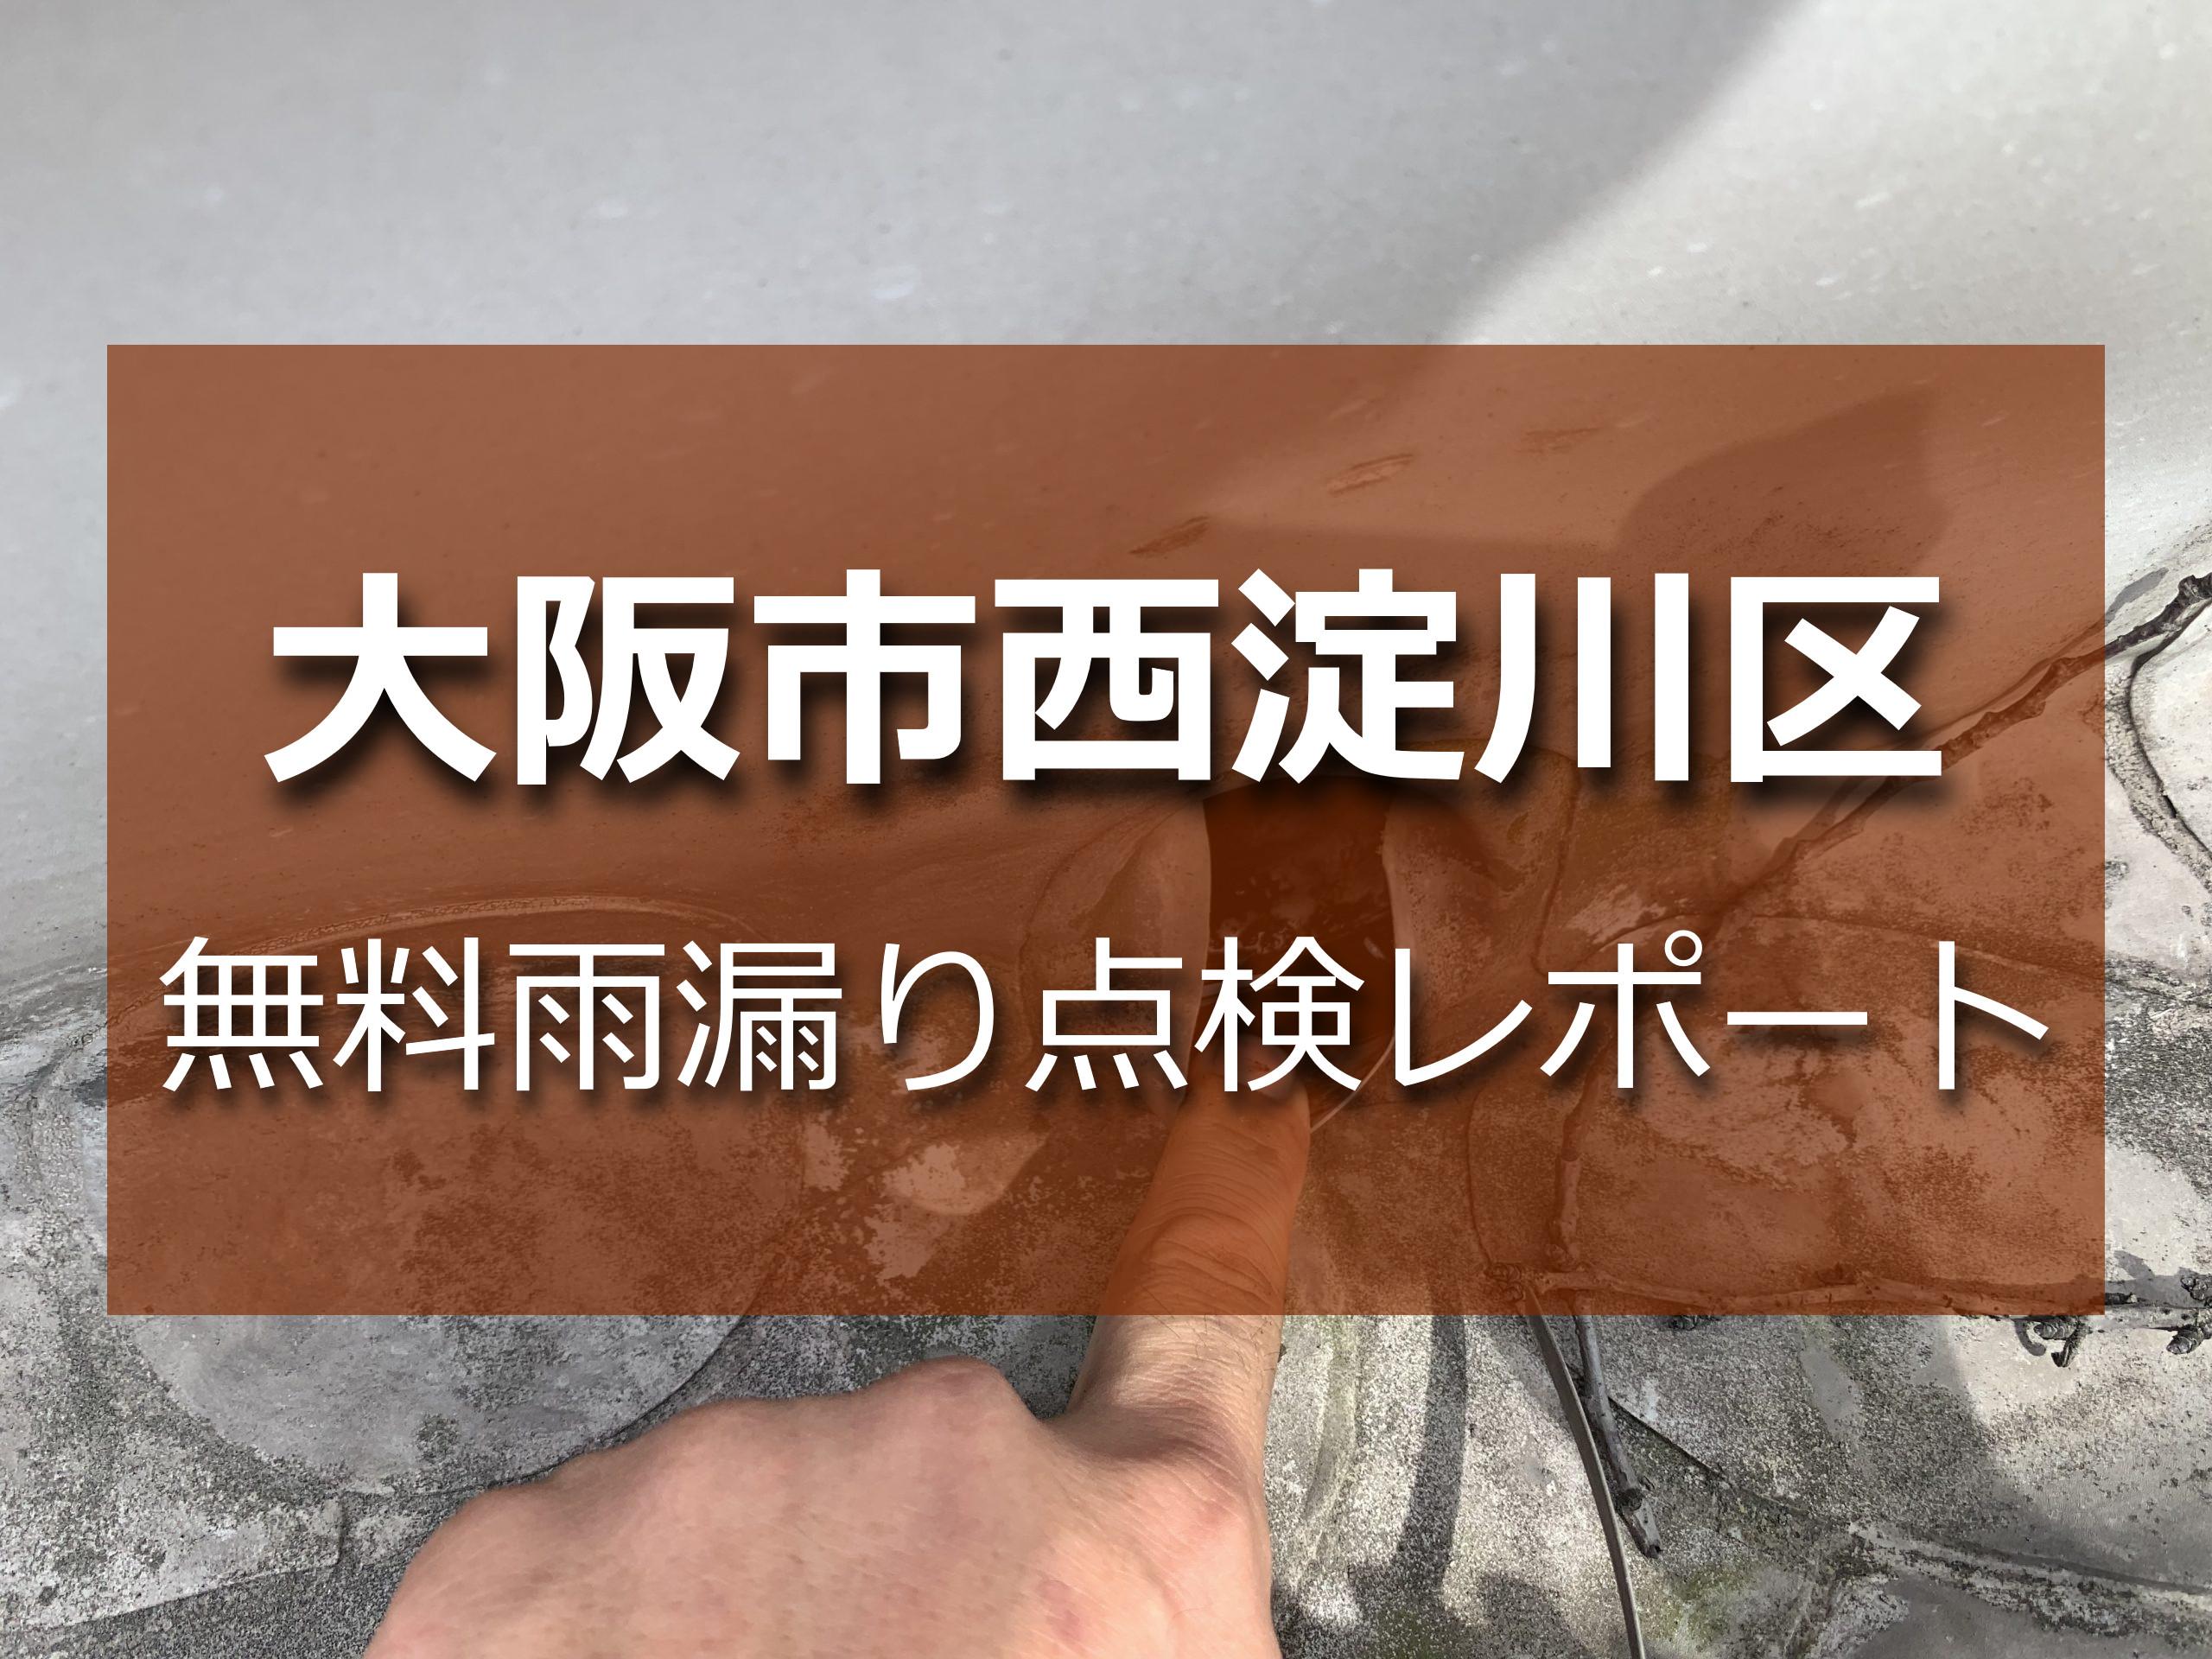 大阪市西淀川区で評判の雨漏り修理業者をお探しなら【無料点検】